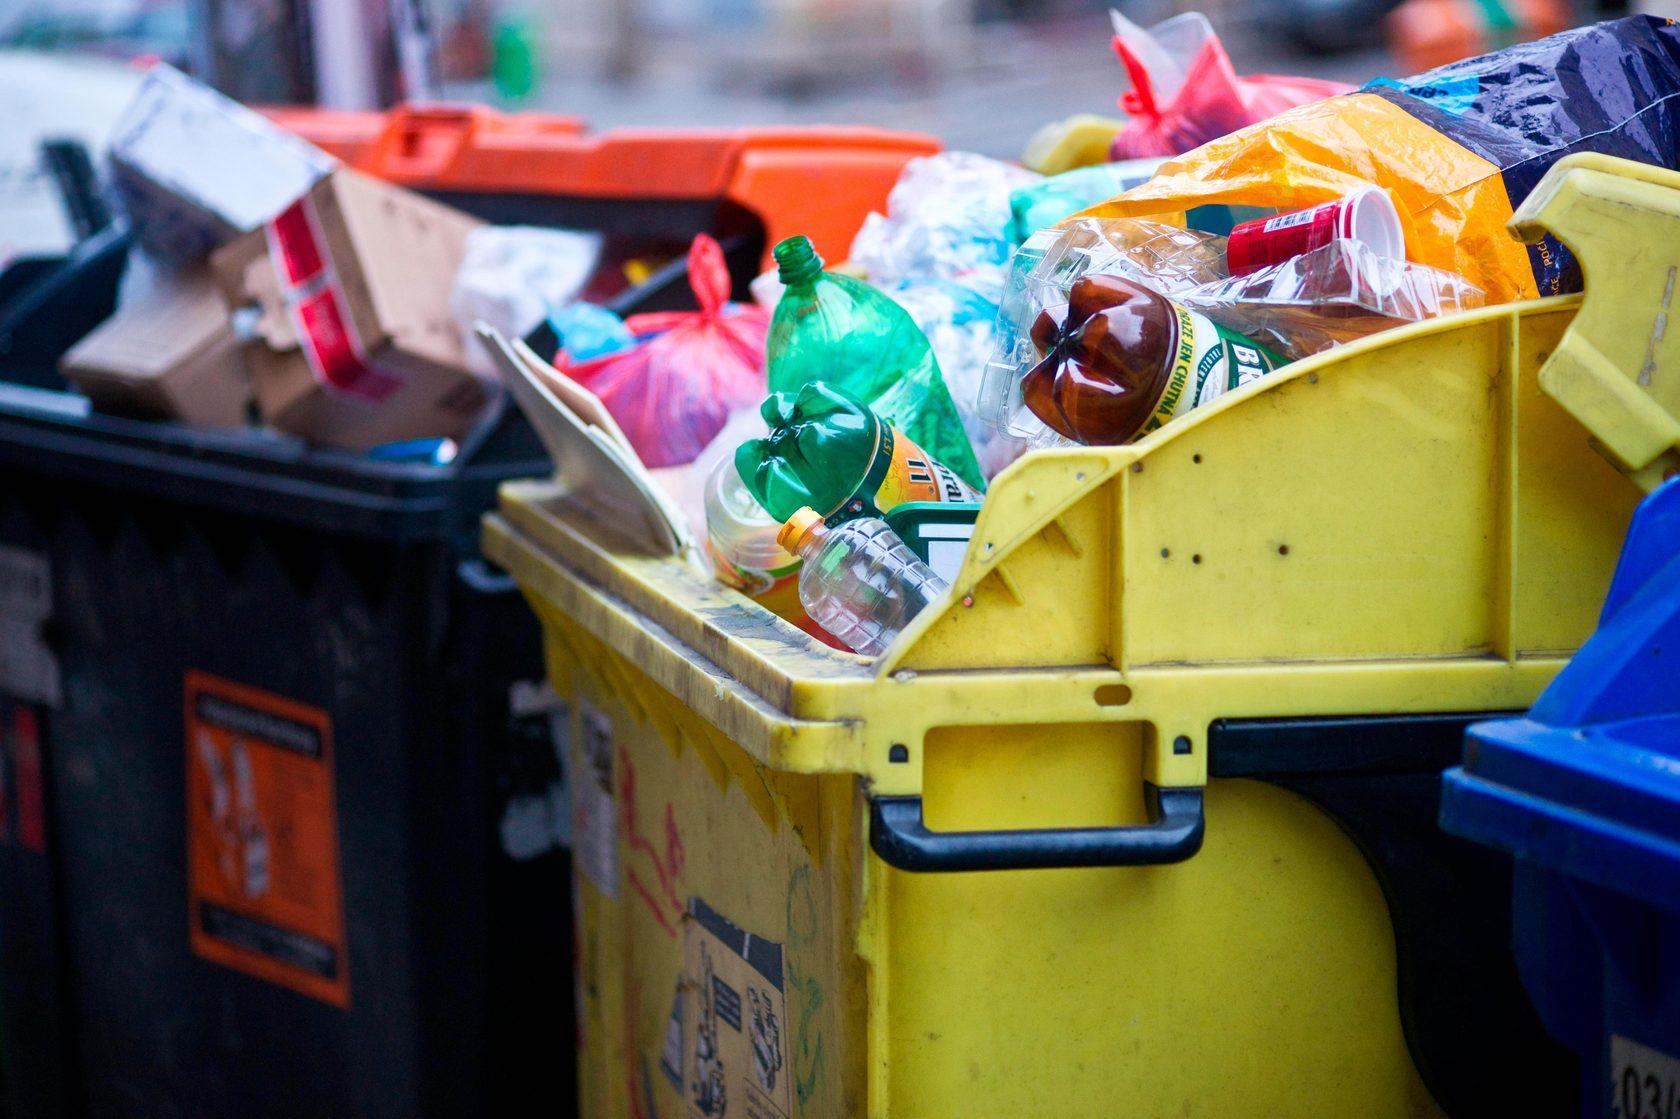 Открытое письмо с предложениями о внесении дополнений в программу раздельного сбора твердых коммунальных отходов города Москвы